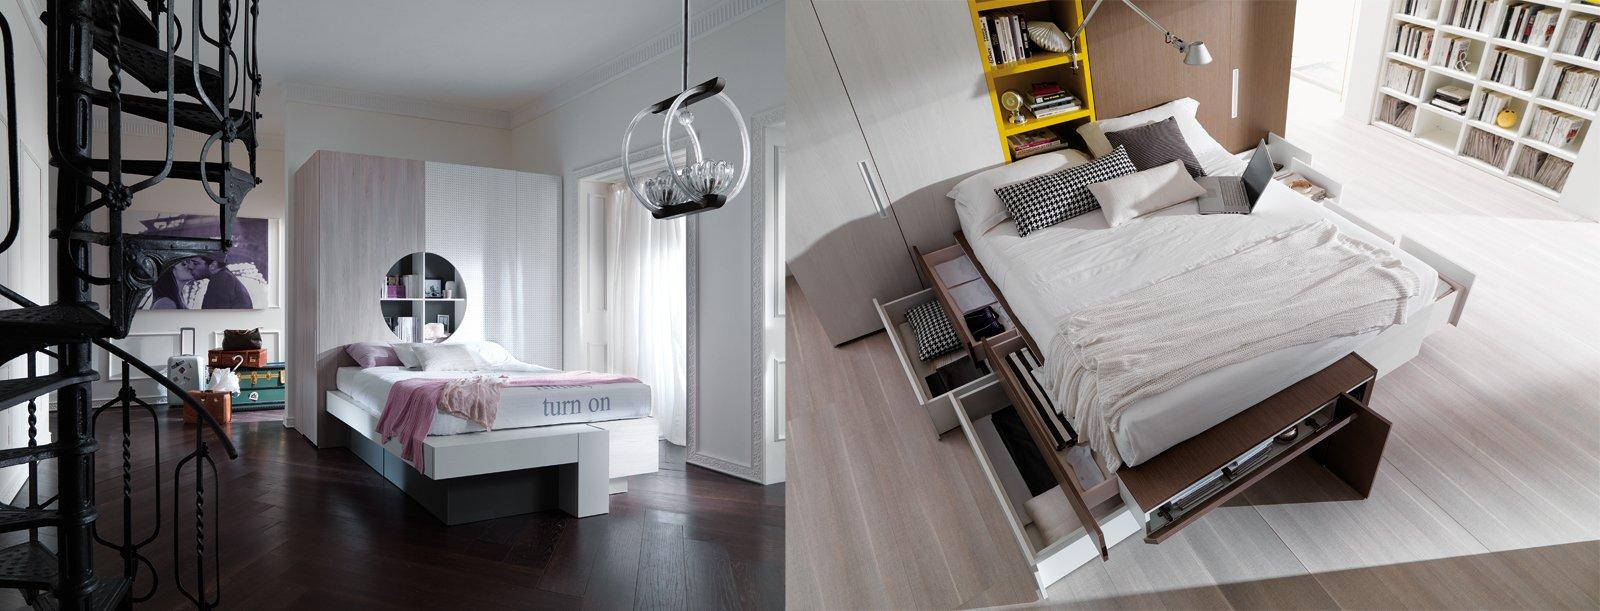 Trasformabili salvaspazio e doppia funzione cose di casa - L onorevole con l amante sotto il letto ...